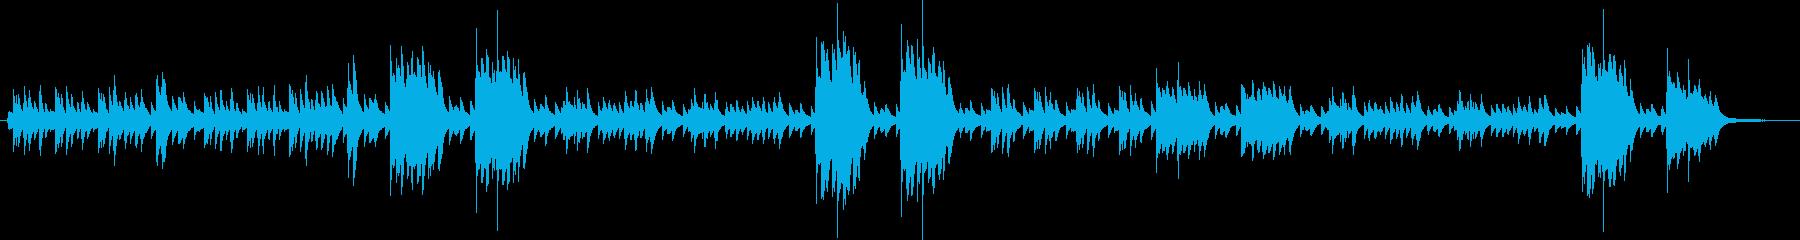 サティ「グノシエンヌ」第一番 ピアノの再生済みの波形